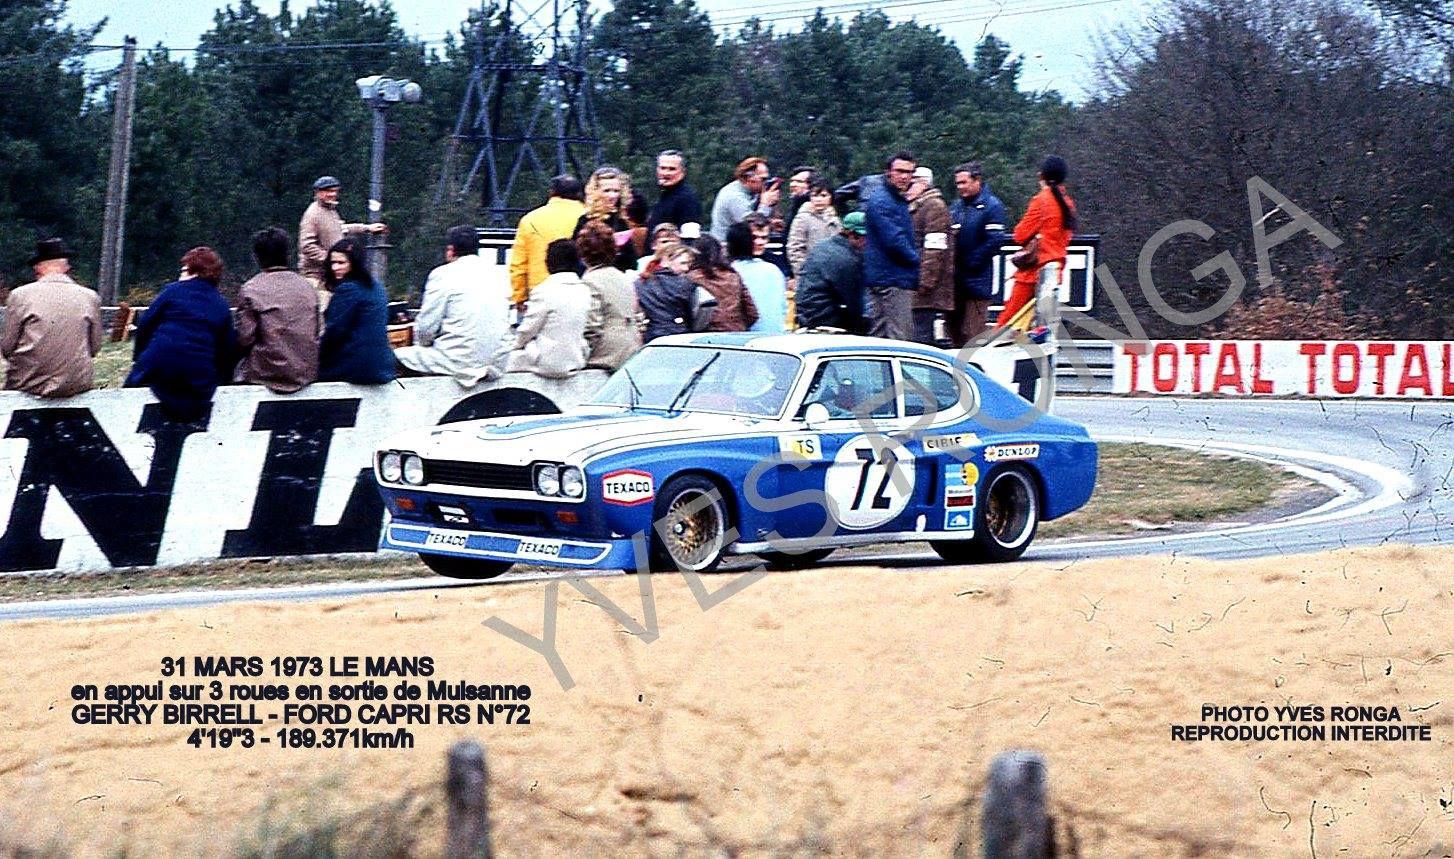 Ford Capri LV Gerry Birrell Essais Préliminaires des 24 Heures du Mans 1973.